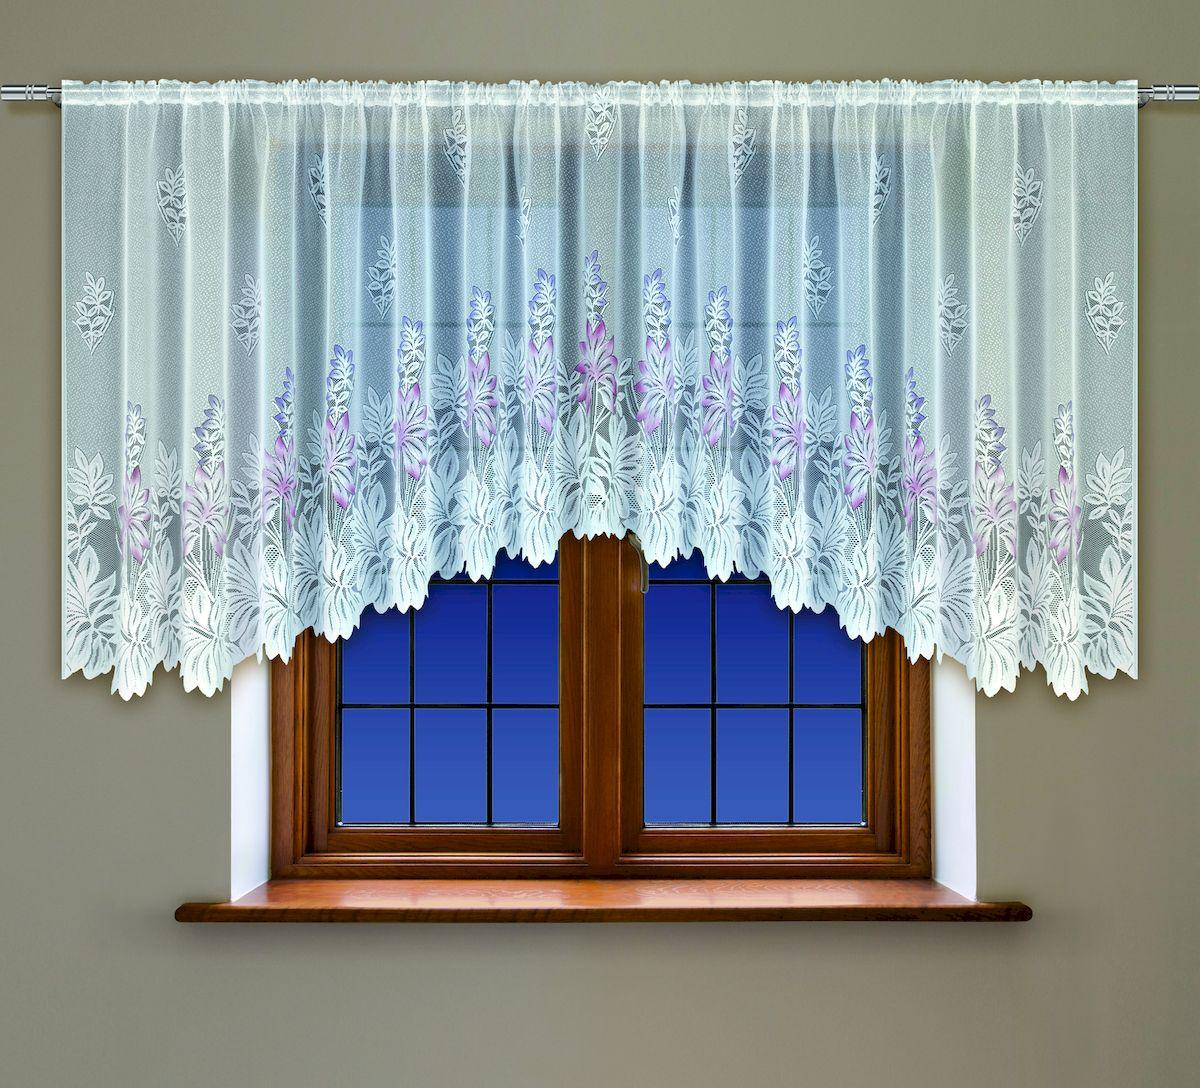 Гардина Haft, на кулиске, цвет: белый, высота 137 см. 200530200530/137Воздушная гардина Haft, выполненная из полиэстера, великолепно украсит любое окно. Изделие имеет оригинальный дизайн и органично впишется в интерьер помещения. Гардина крепится на карниз при помощи кулиски.